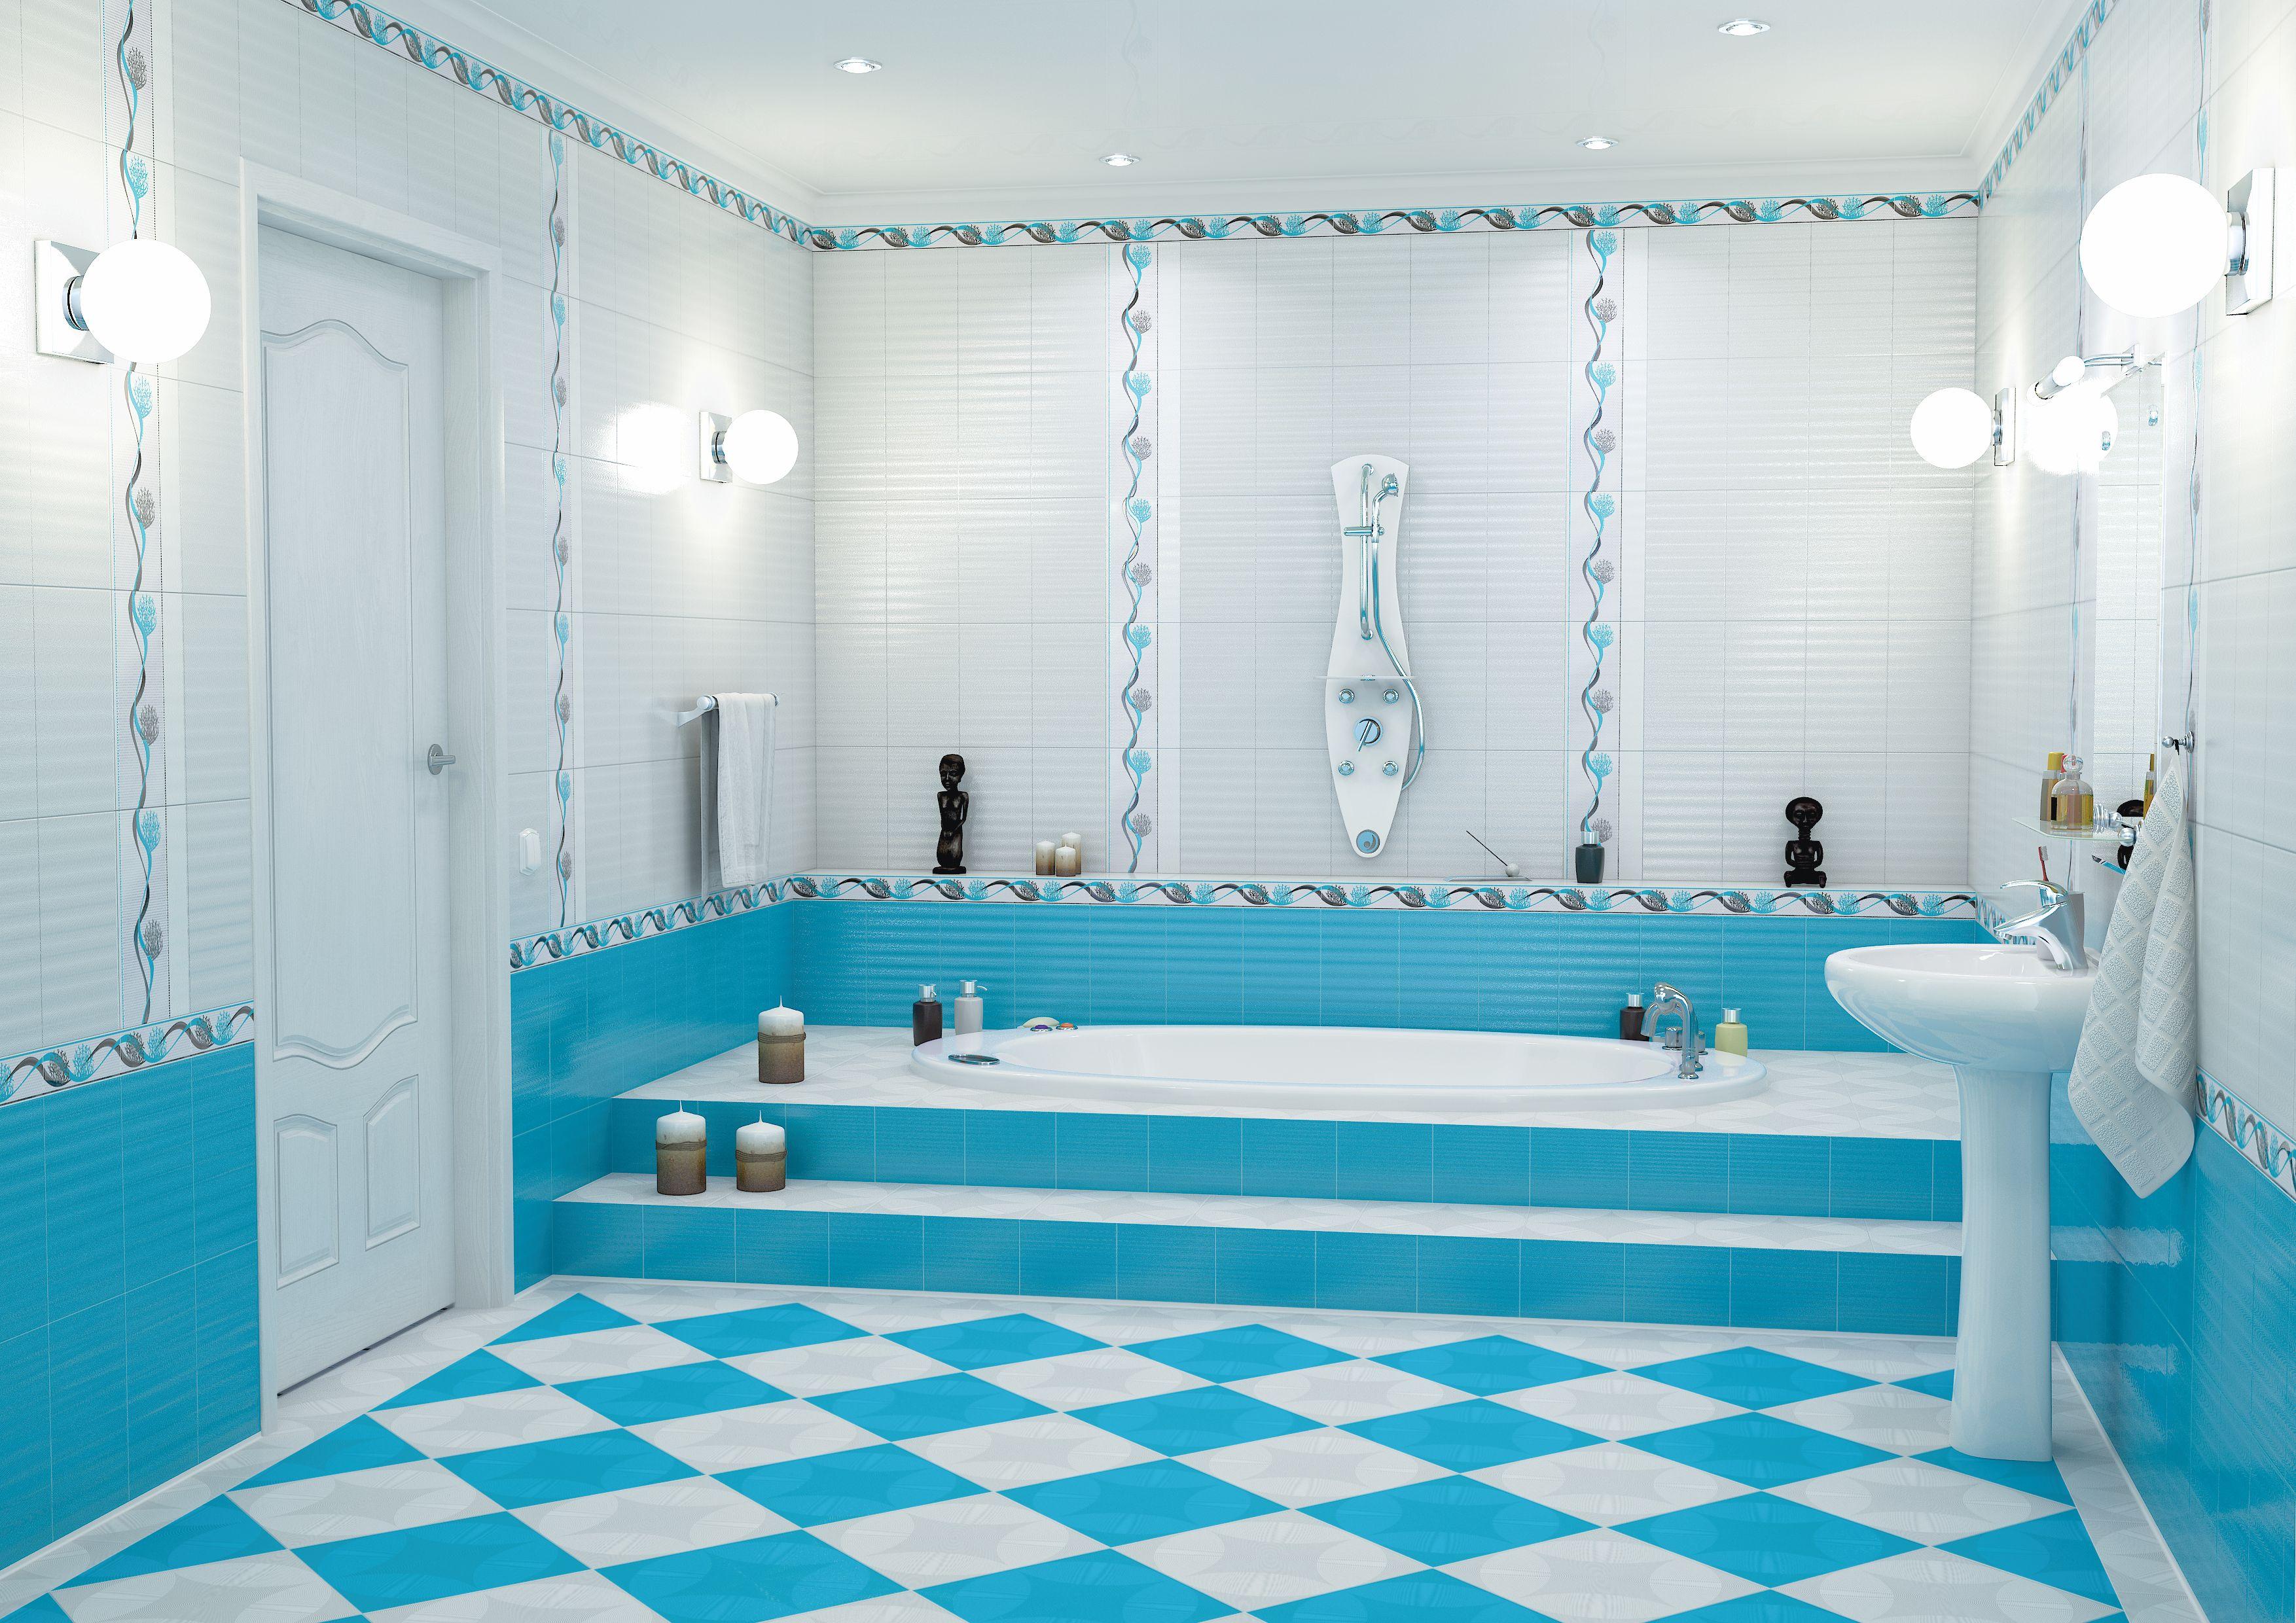 симпатичная керамическая плитка в интерьере ванной в стиле этно в светлых тонах